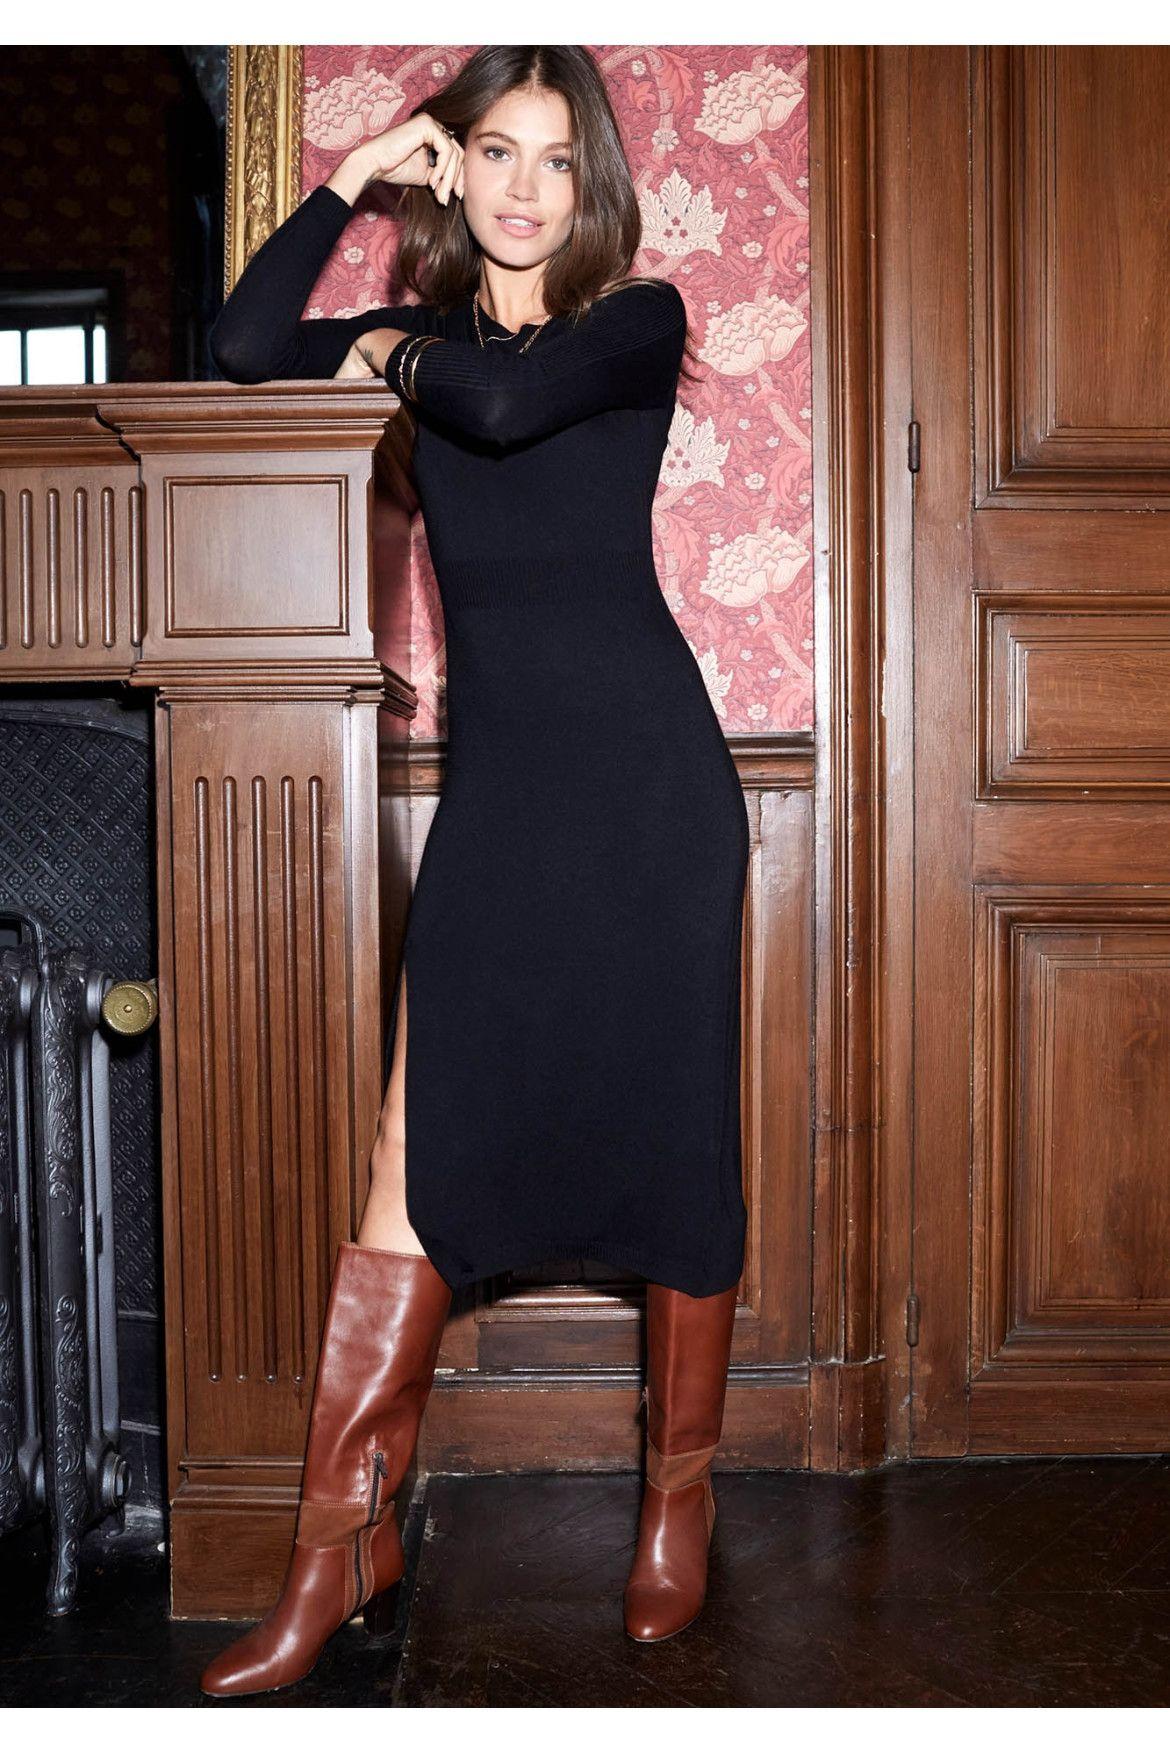 Robe Clotaire noire   Robe avec bottes, Idées vestimentaires, Robe